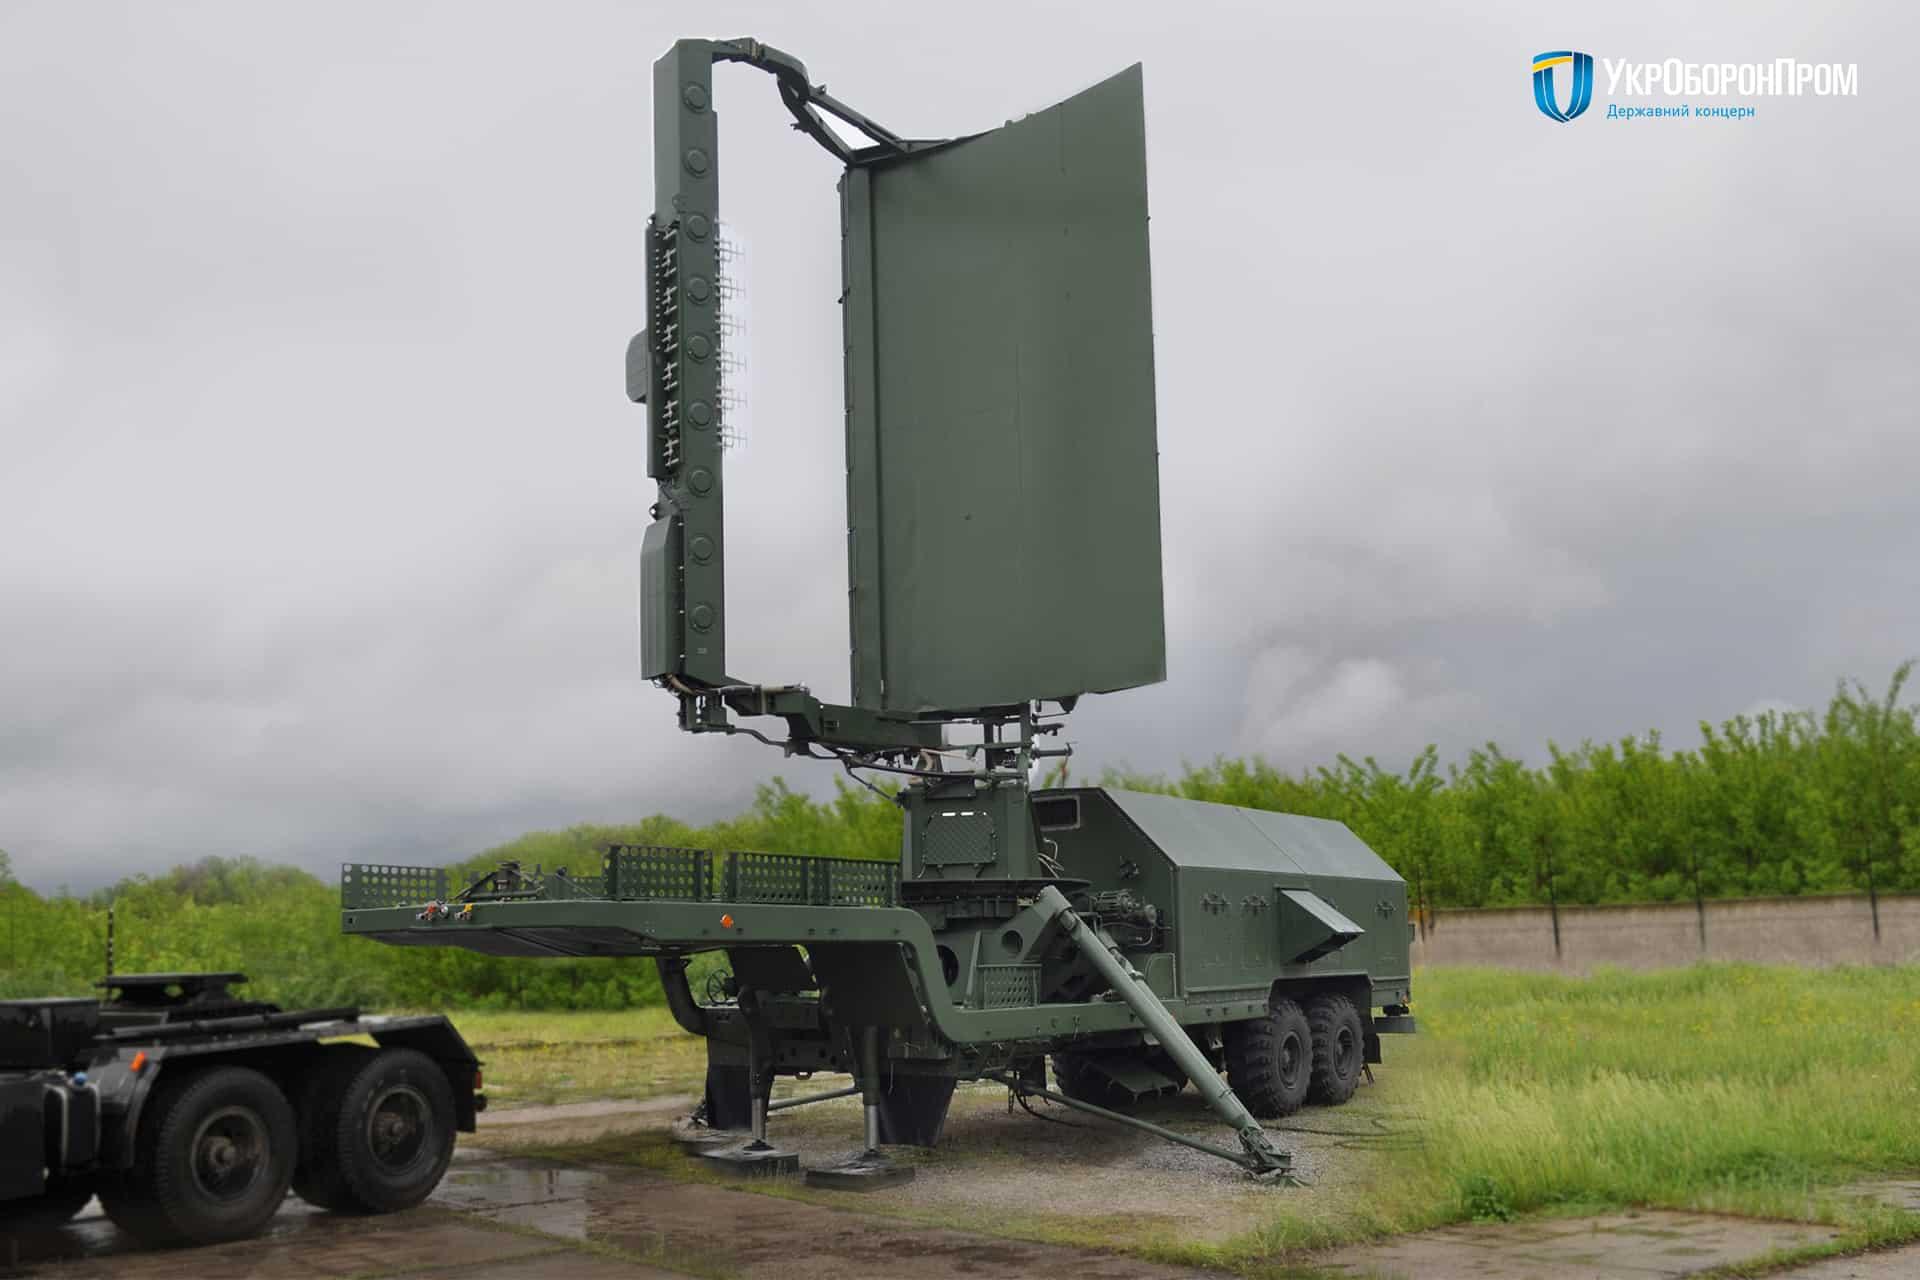 Модернізована до виду 35Д6М радіолокаційна станцій (РЛС) 19Ж6